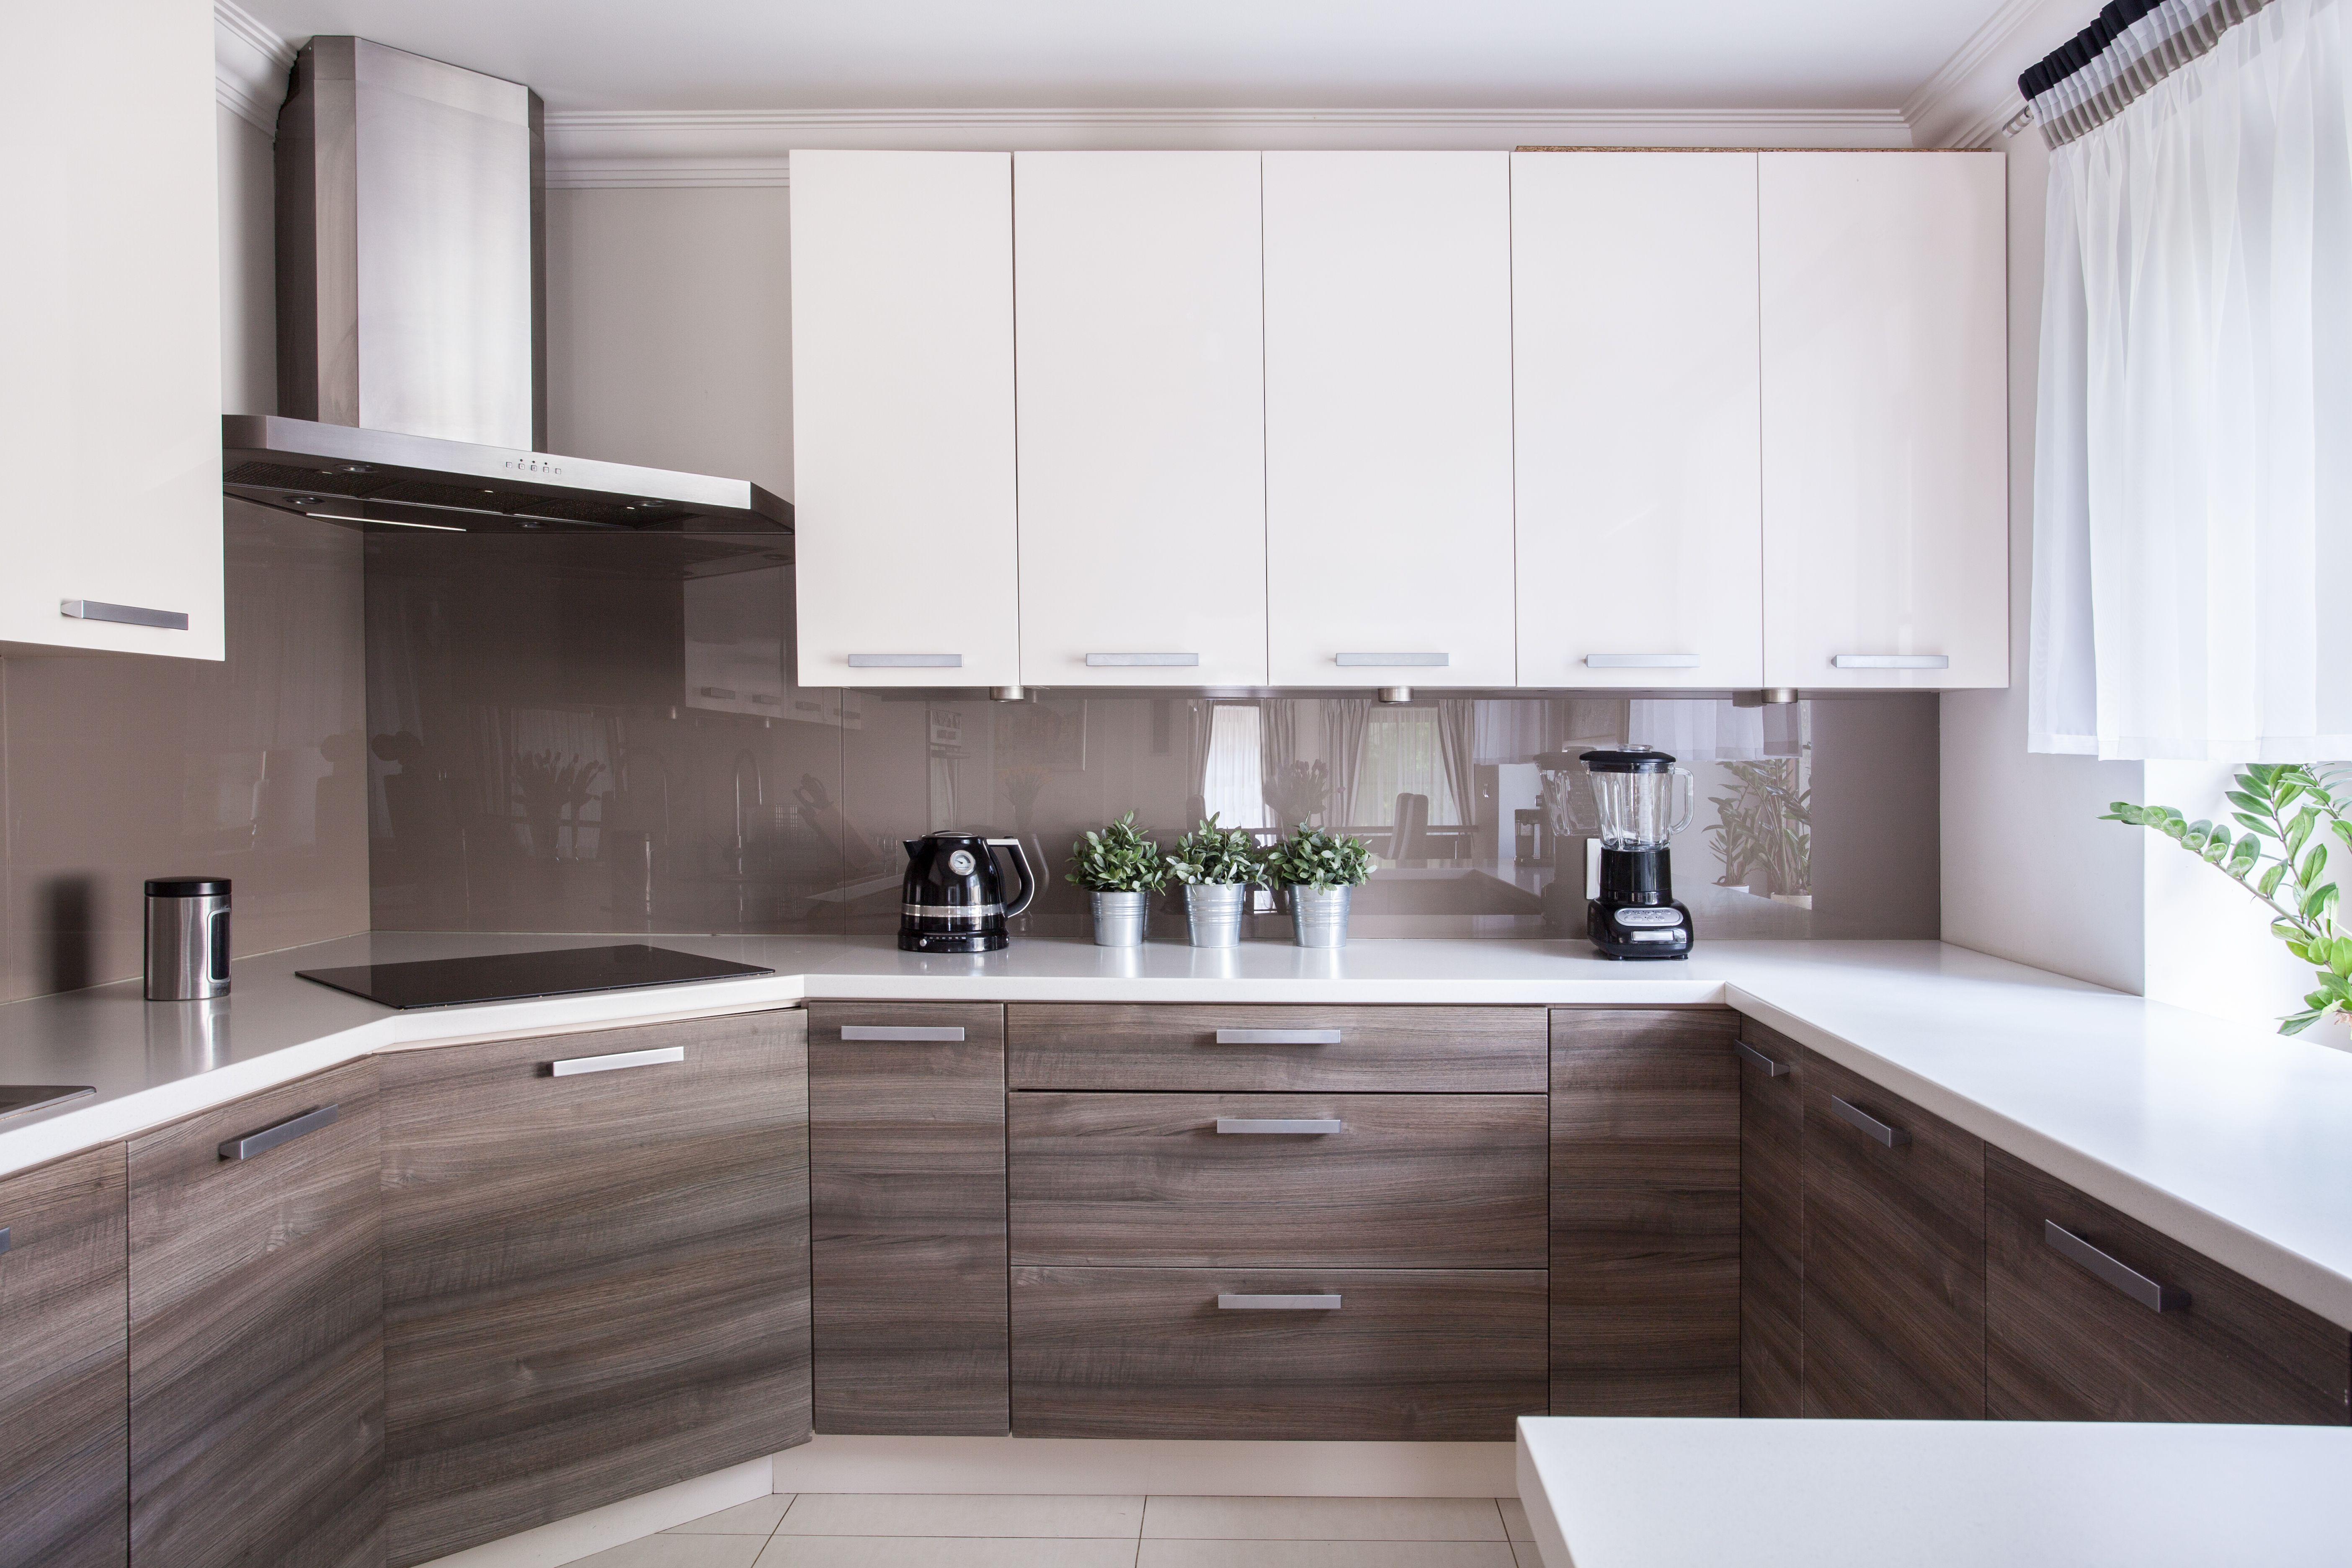 Muebles de cocina modernos en Leganés